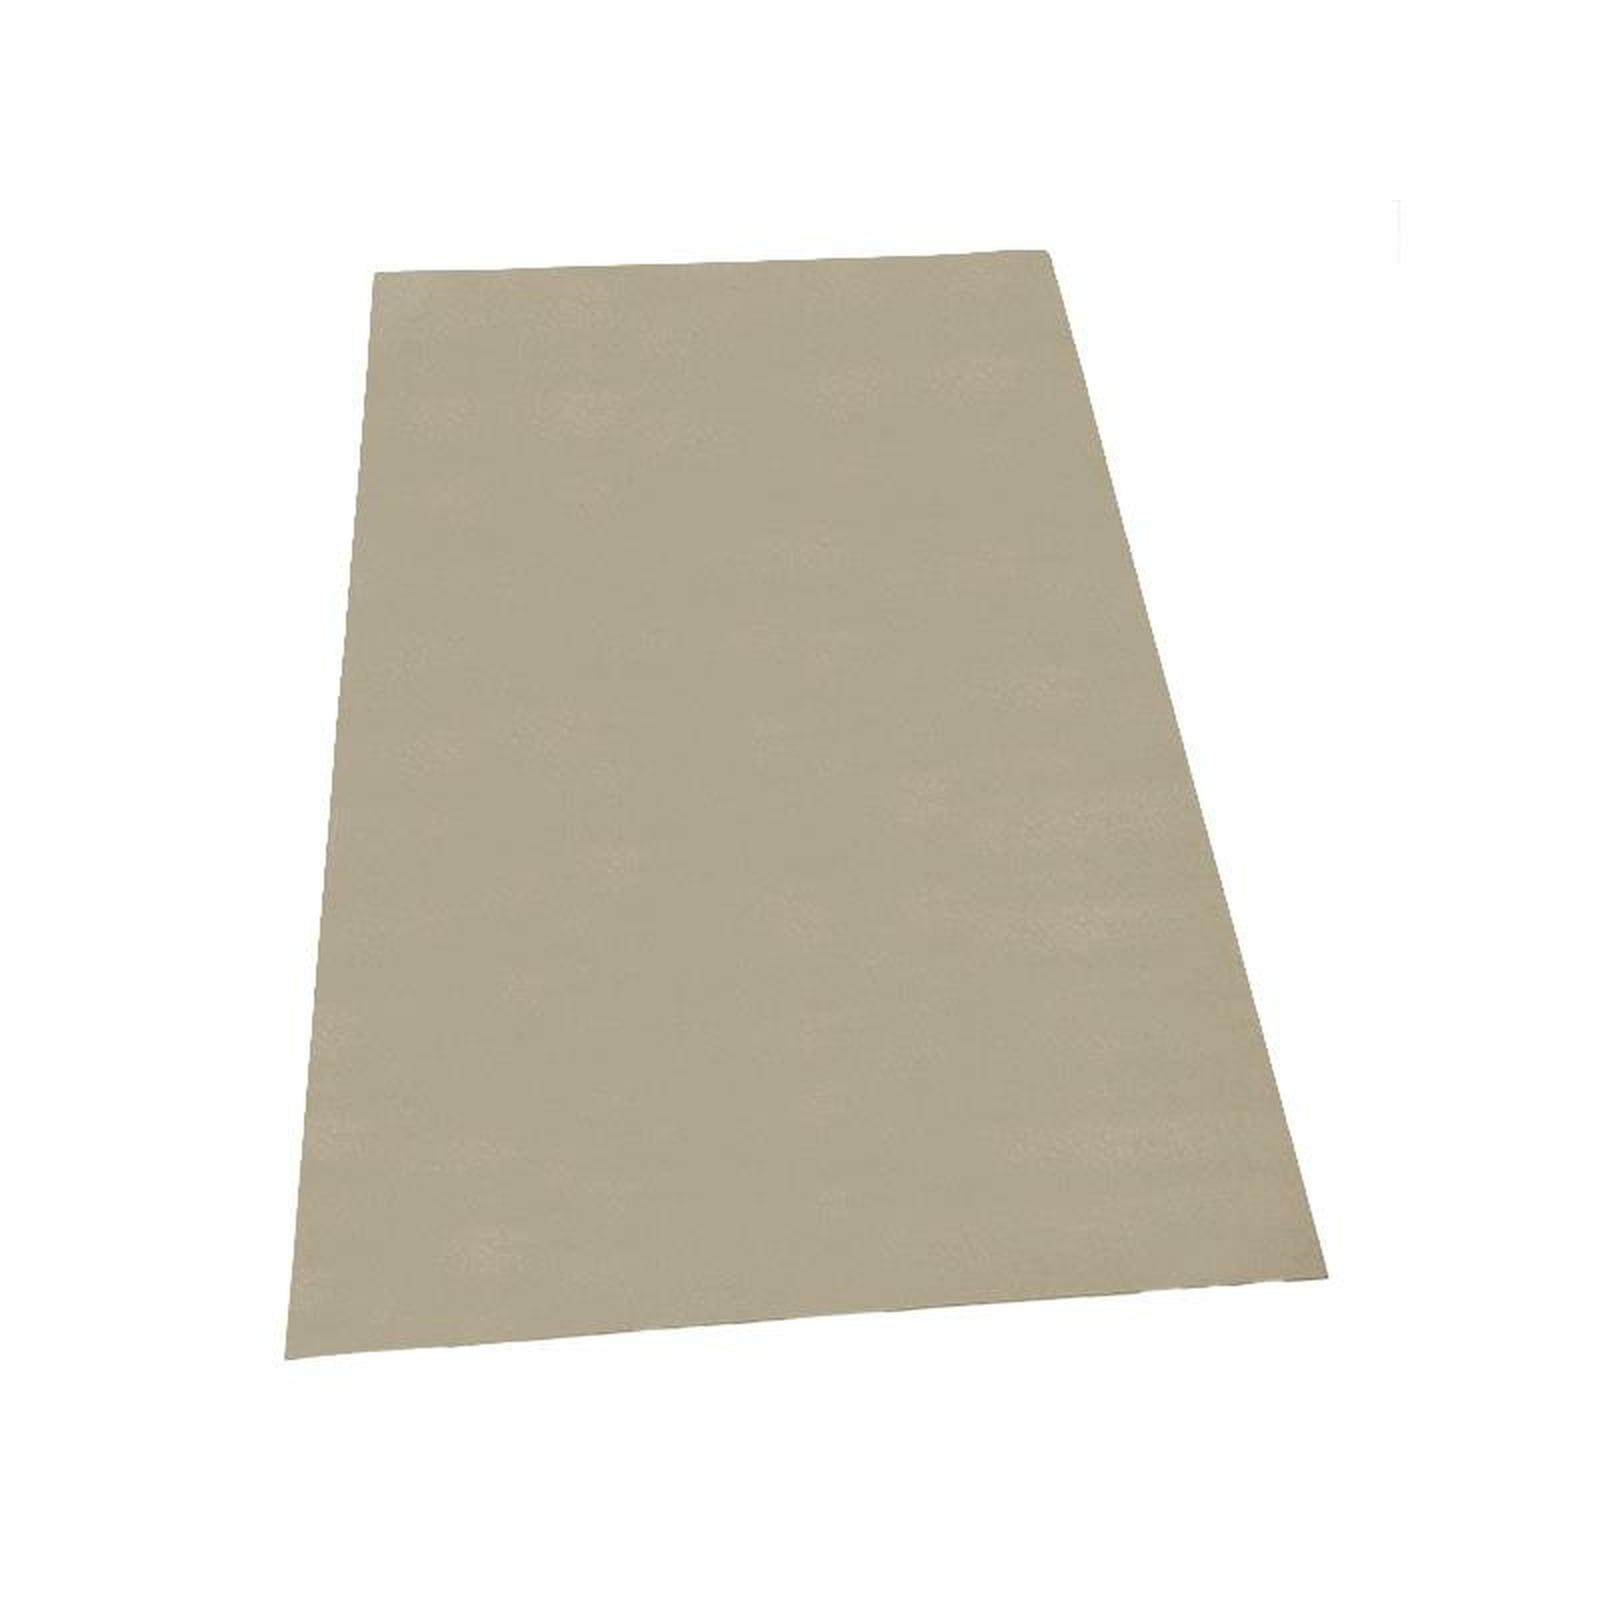 zuschnitt aus graupappe 770 x 1170 mm g nstig kaufen 0 32. Black Bedroom Furniture Sets. Home Design Ideas